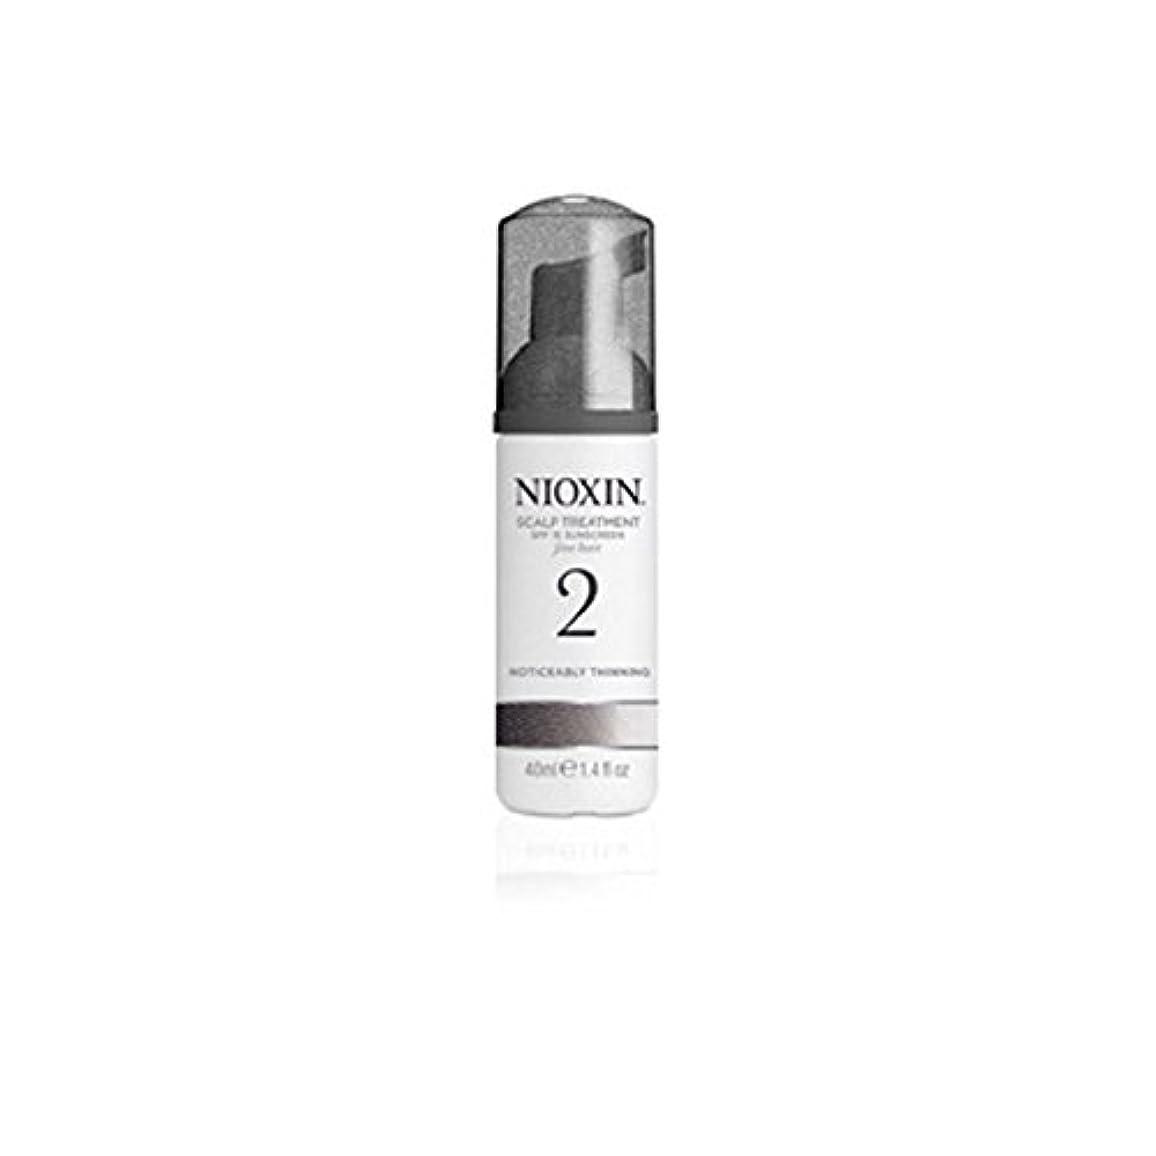 取り出す故障成果著しく間伐自然な髪のためのニオキシンシステム2スカルプトリートメント(100ミリリットル) x4 - Nioxin System 2 Scalp Treatment For Noticeably Thinning Natural Hair (100ml) (Pack of 4) [並行輸入品]